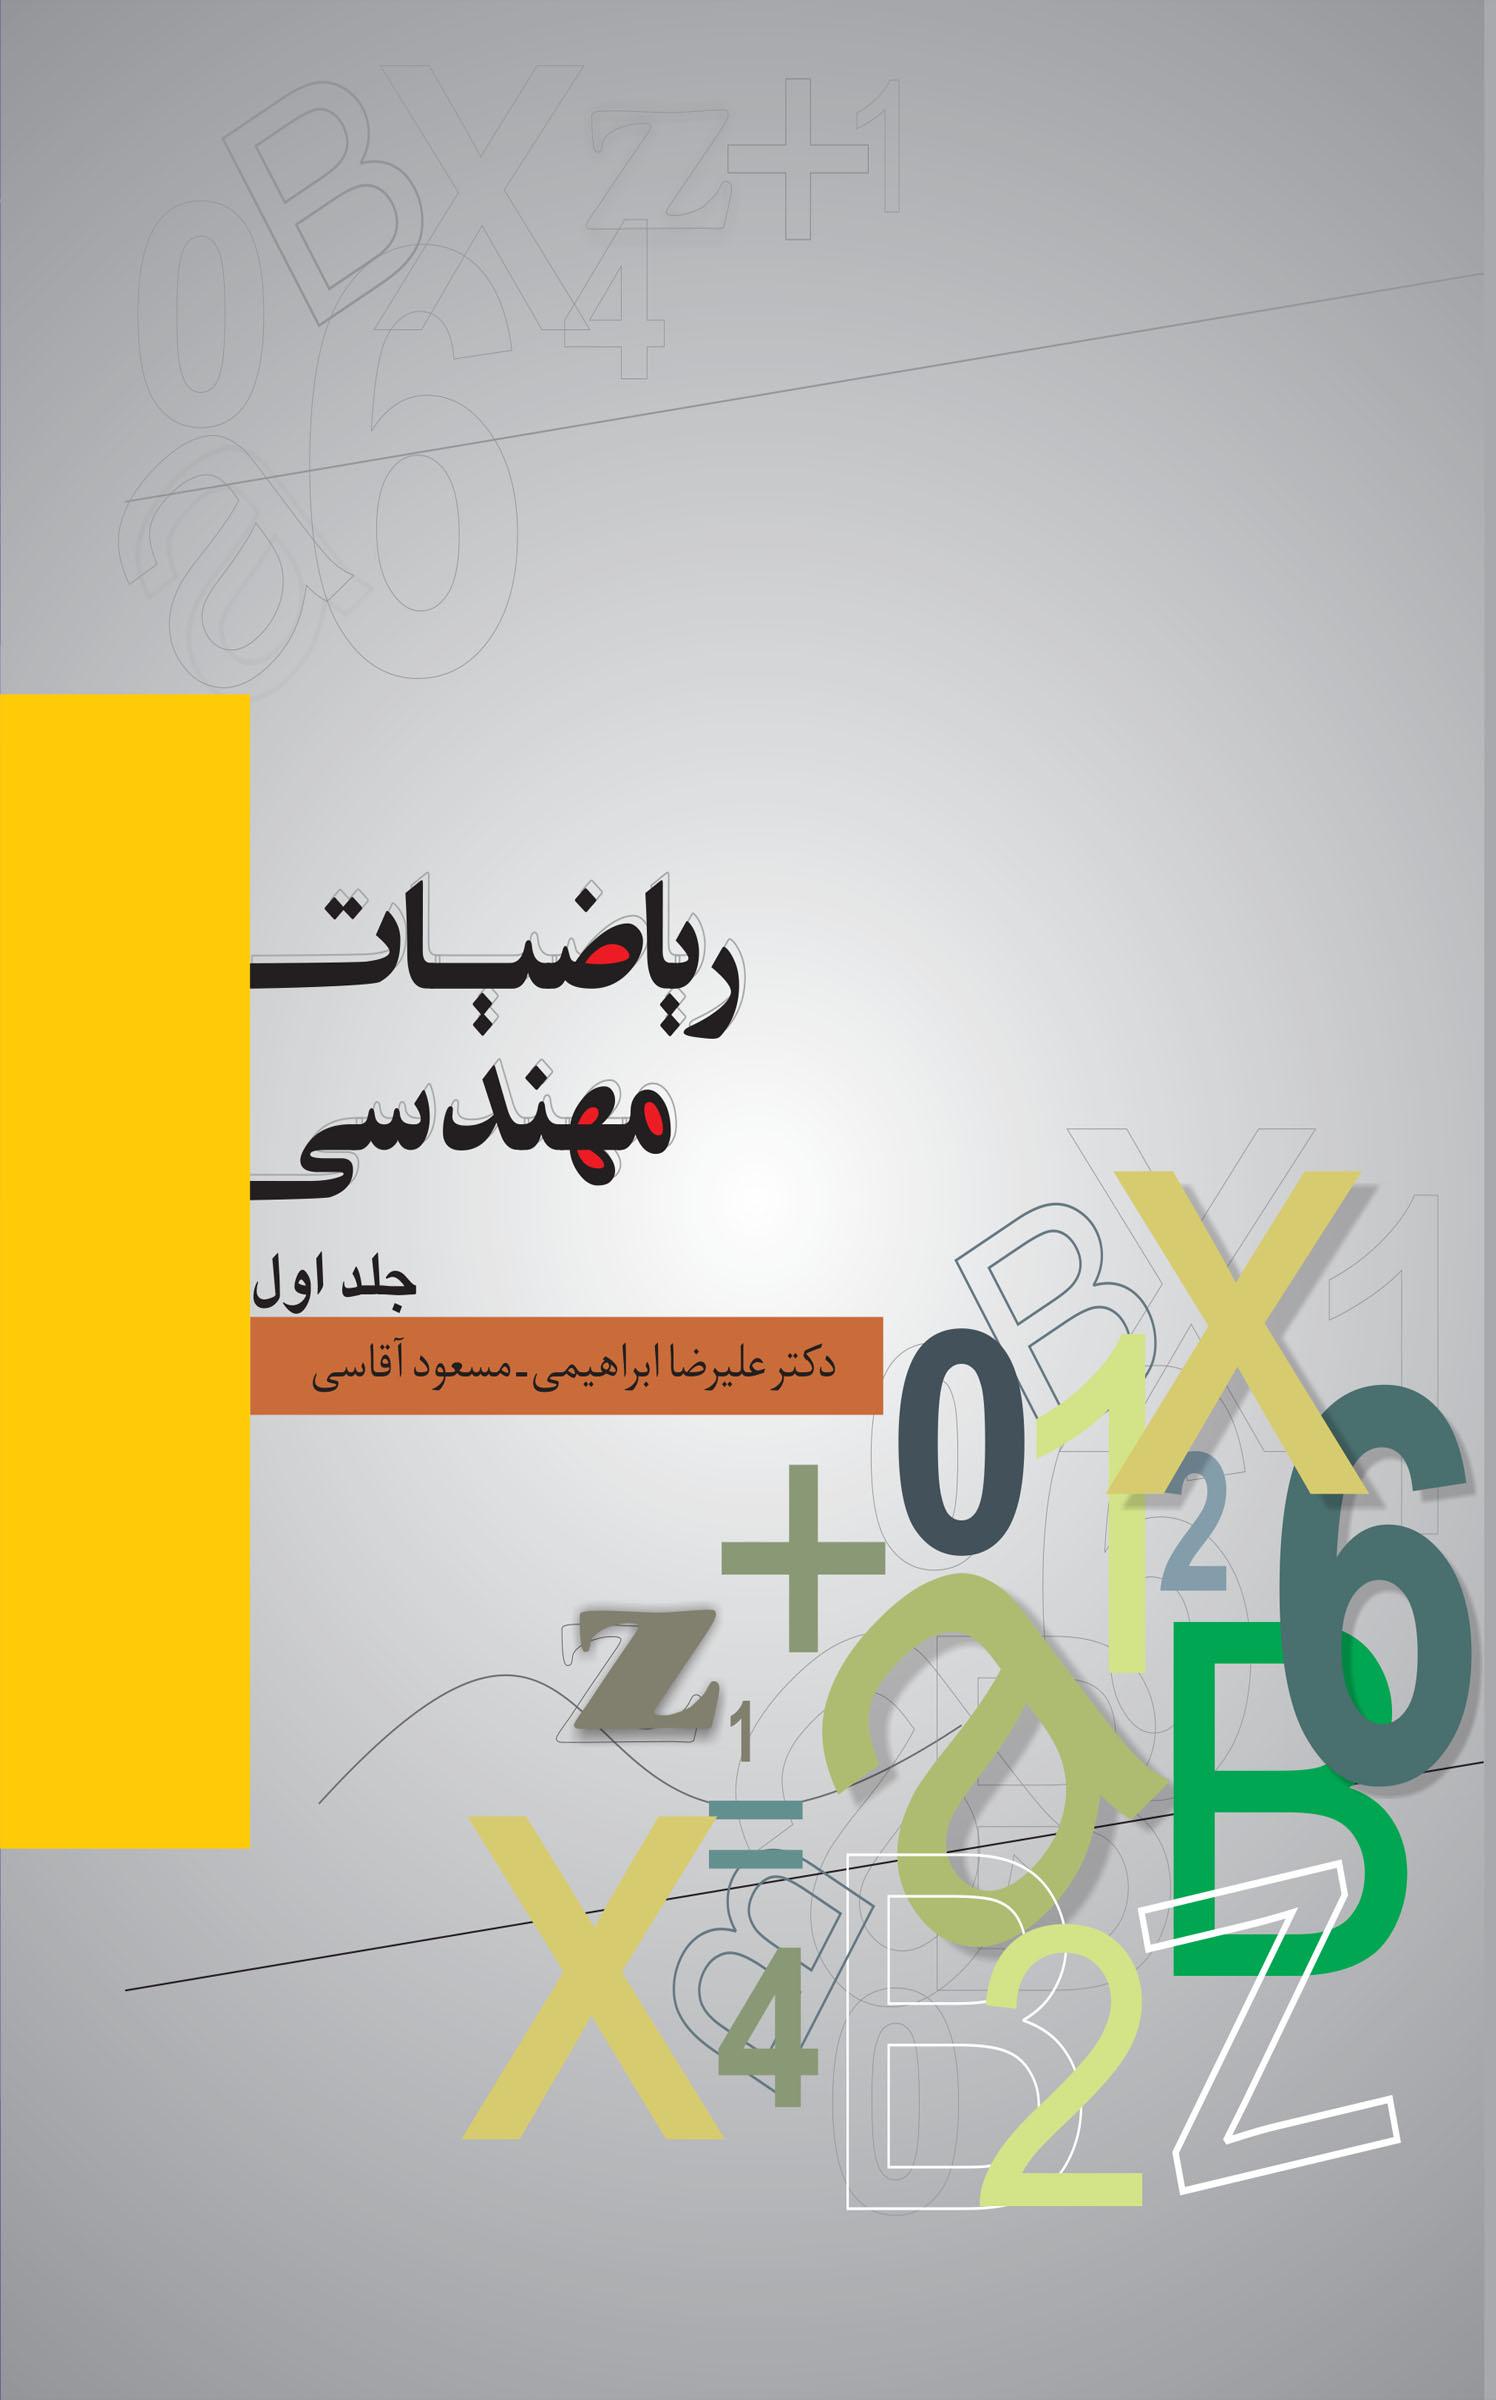 ریاضیات مهندسی جلد اول